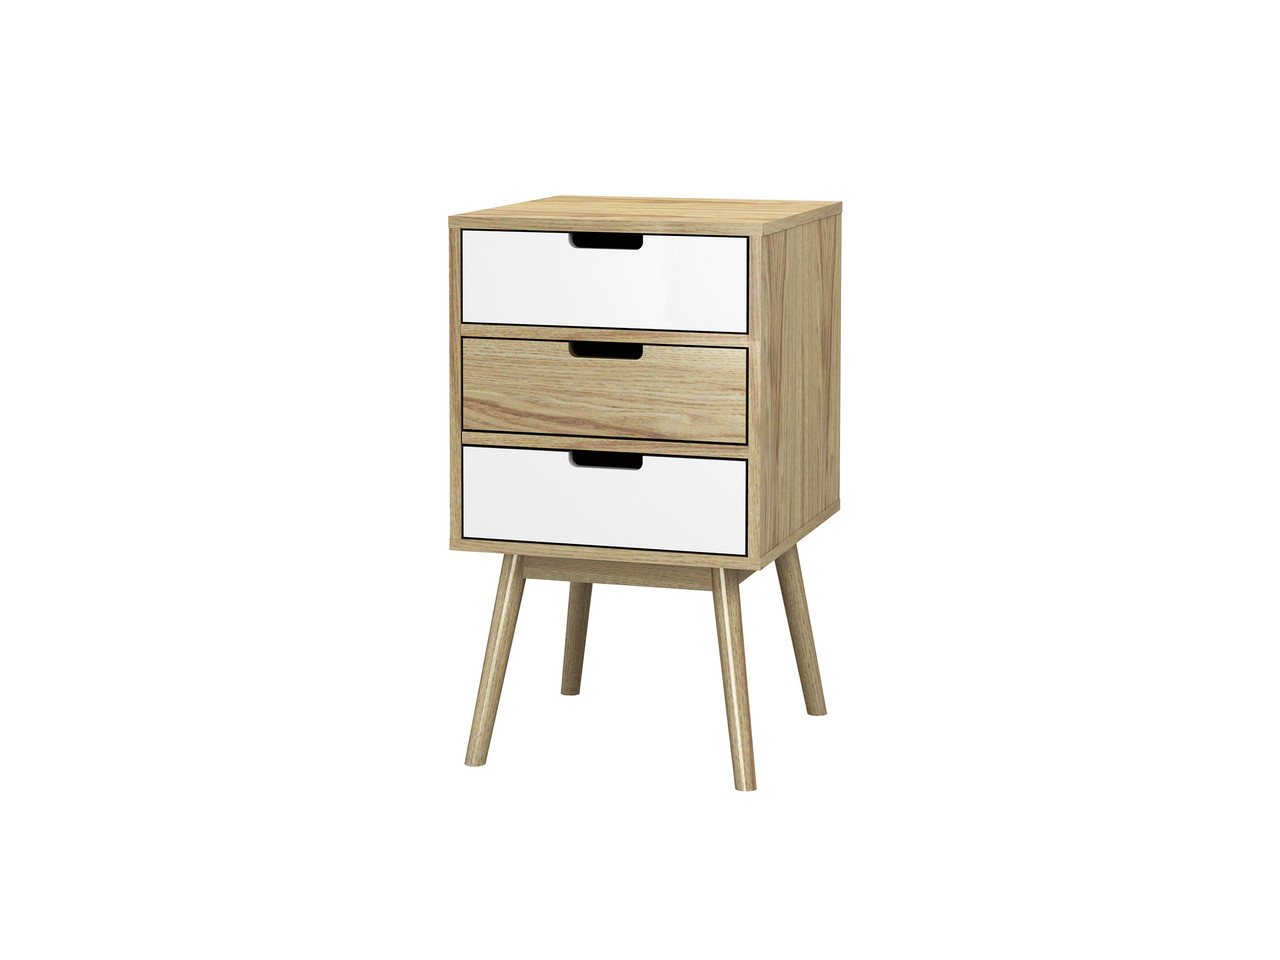 Mocka Marlow Bedside Table | Shop Home Furniture